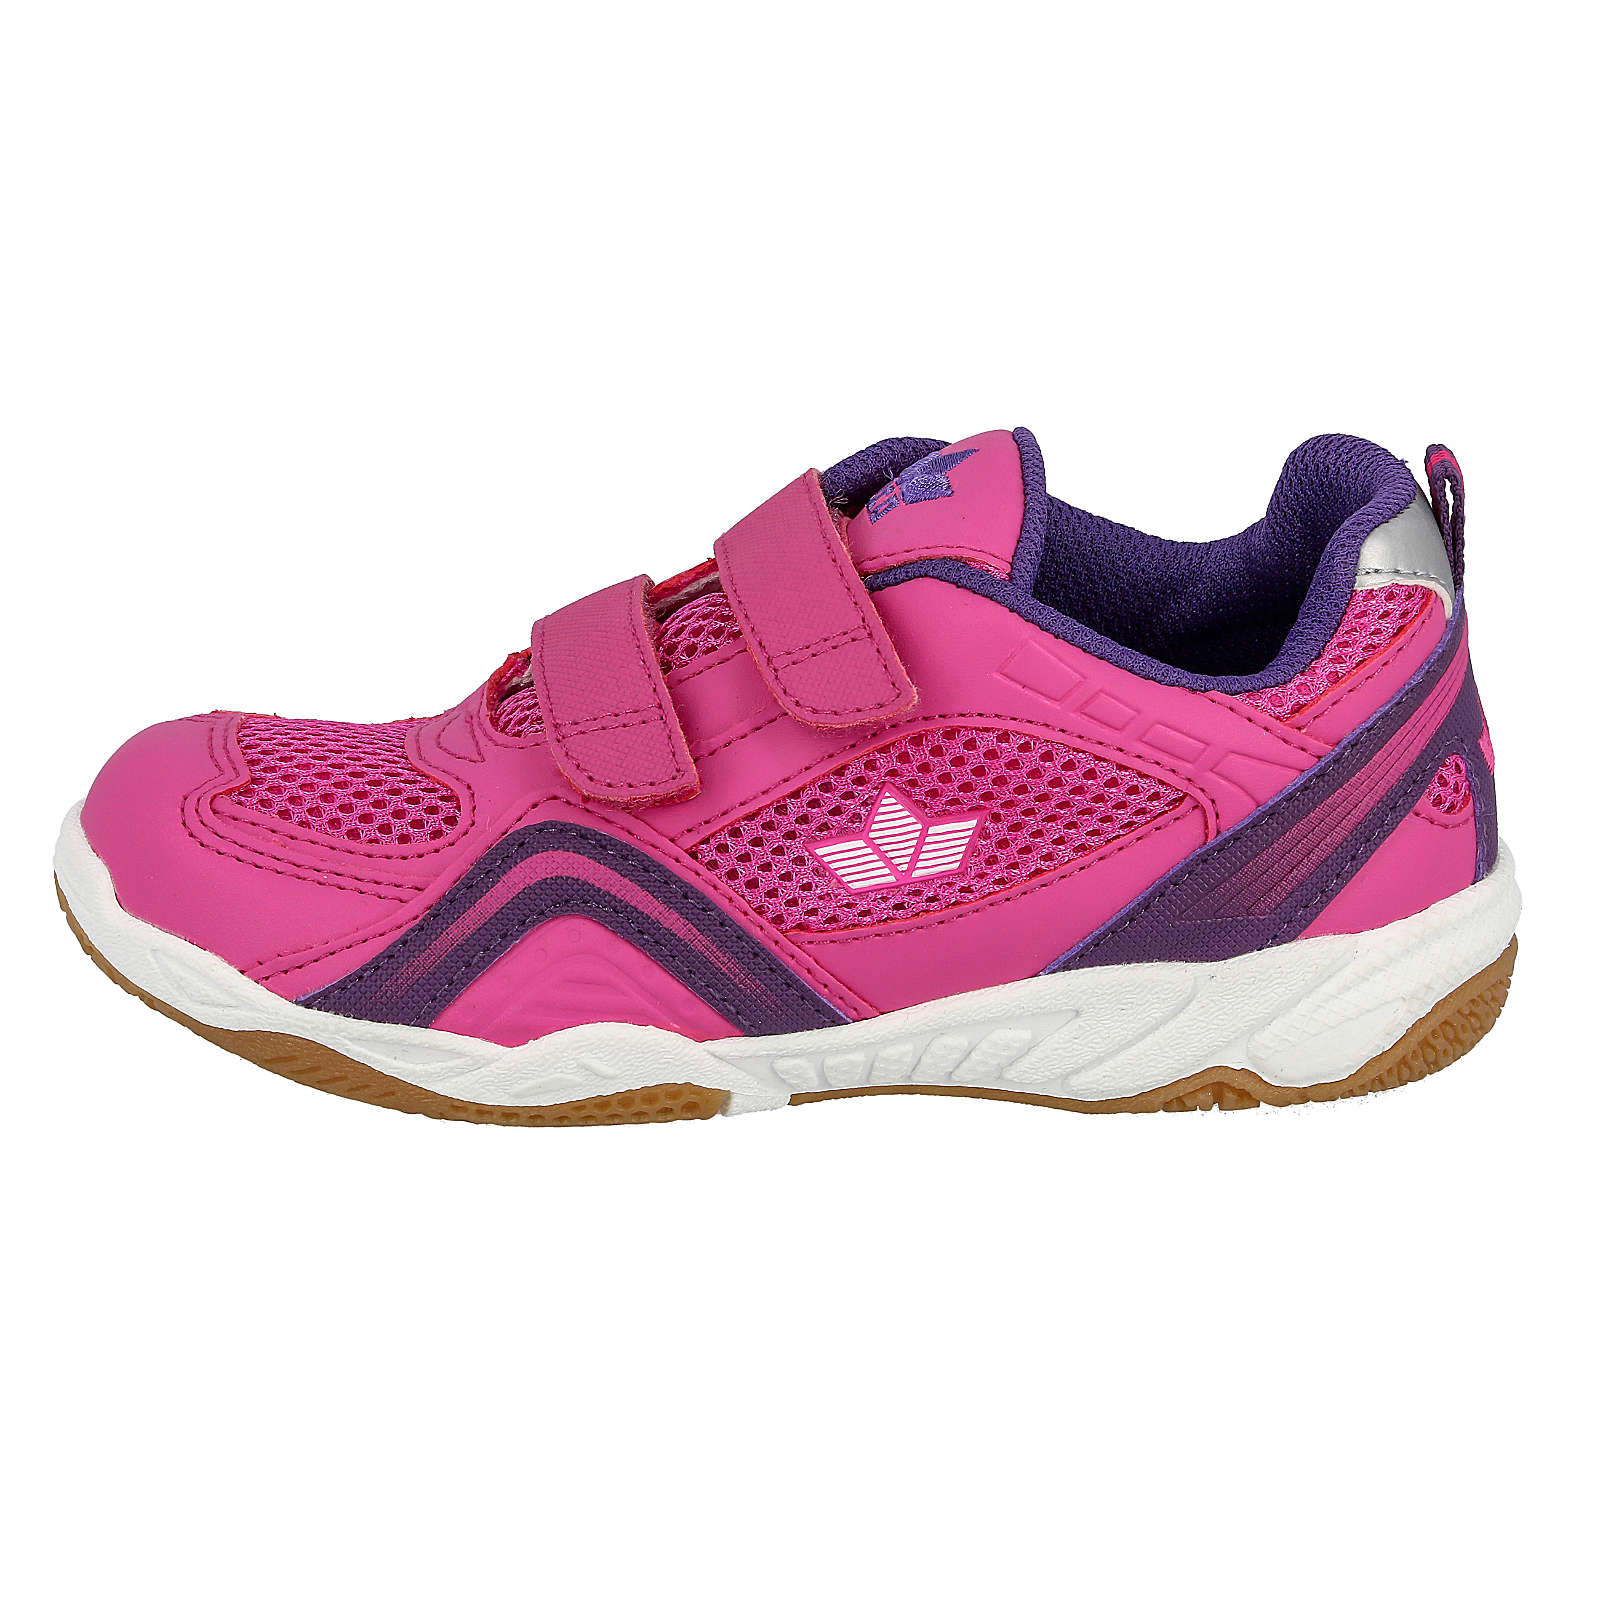 LICO Sportschuhe für Mädchen rosa Mädchen Gr. 29